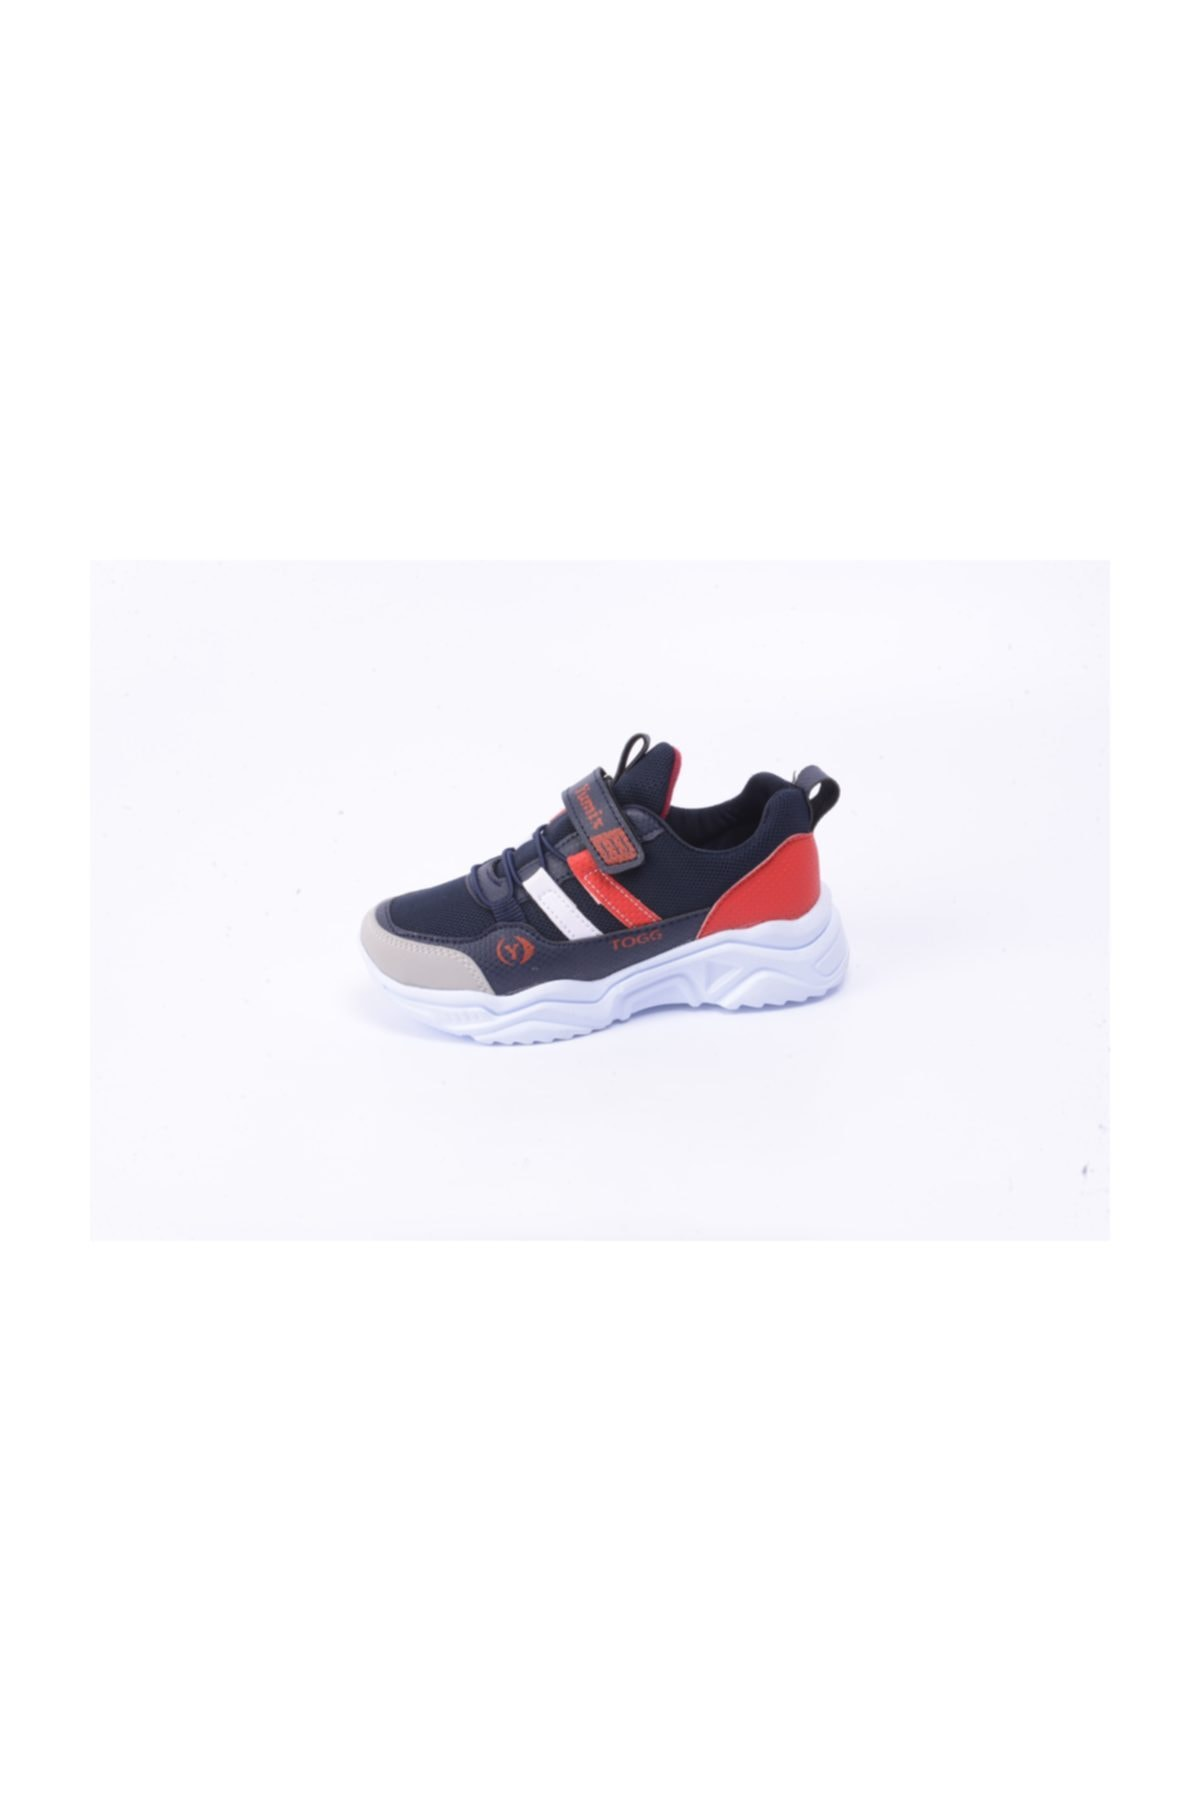 Ayakkabin11 Çocuk Spor Ayakkabı 2